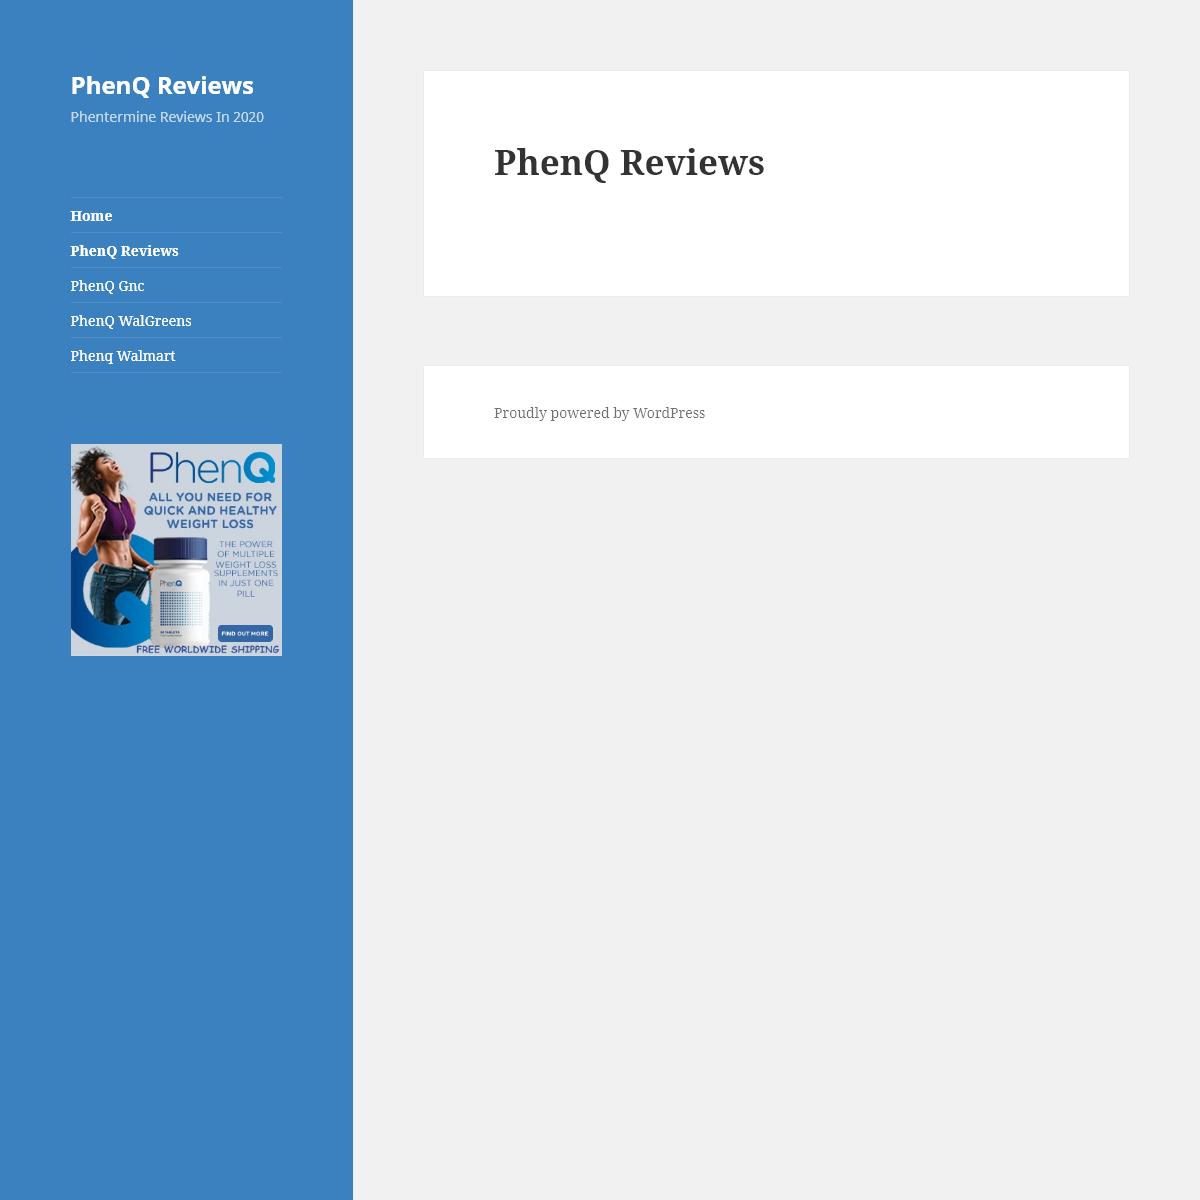 PhenQ Reviews - PhenQ Reviews